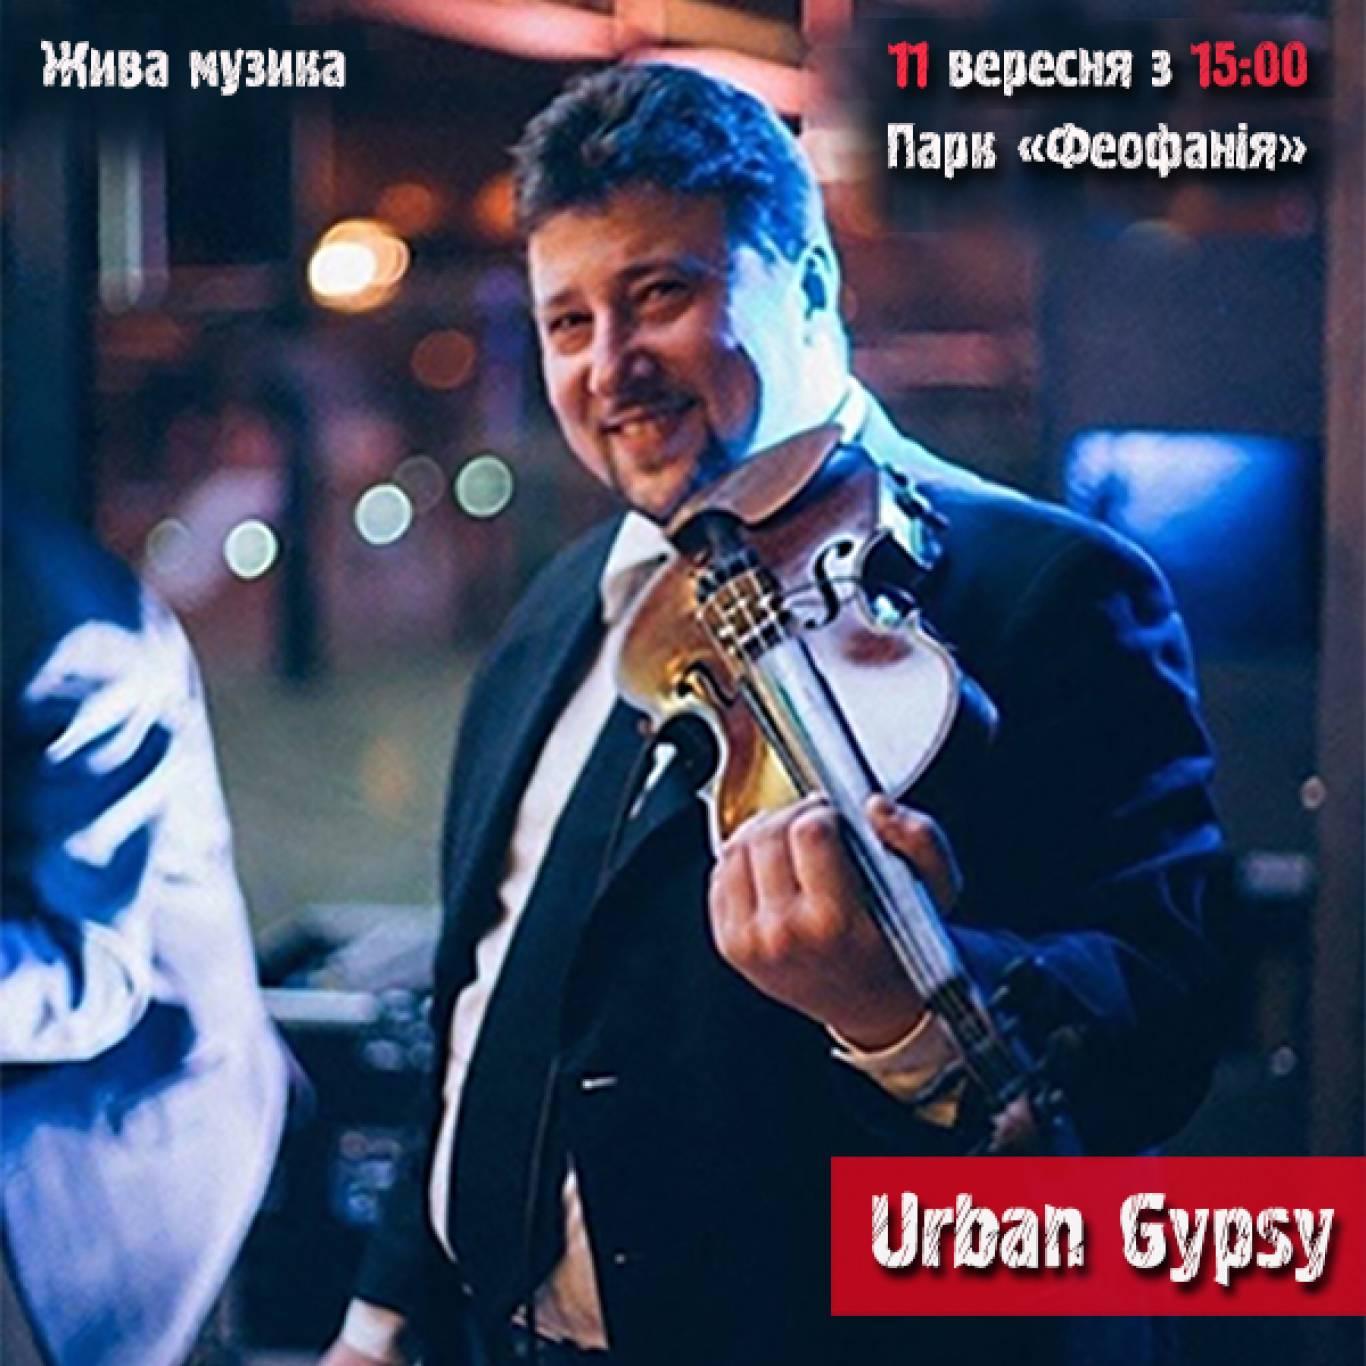 Сімейний концерт від Urban Gypsy